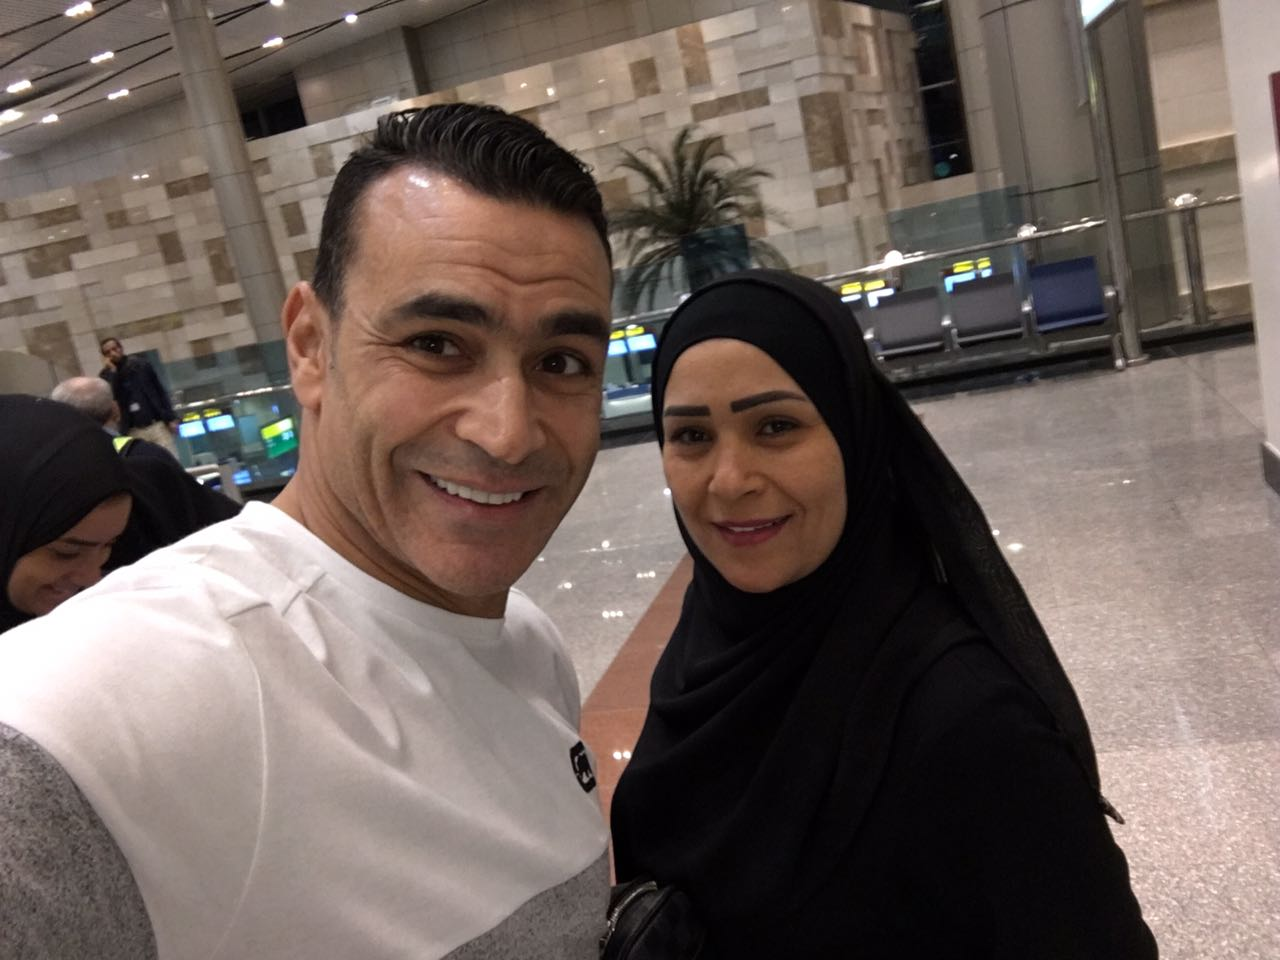 الحضرى مع اسرته فى المطار  (1)